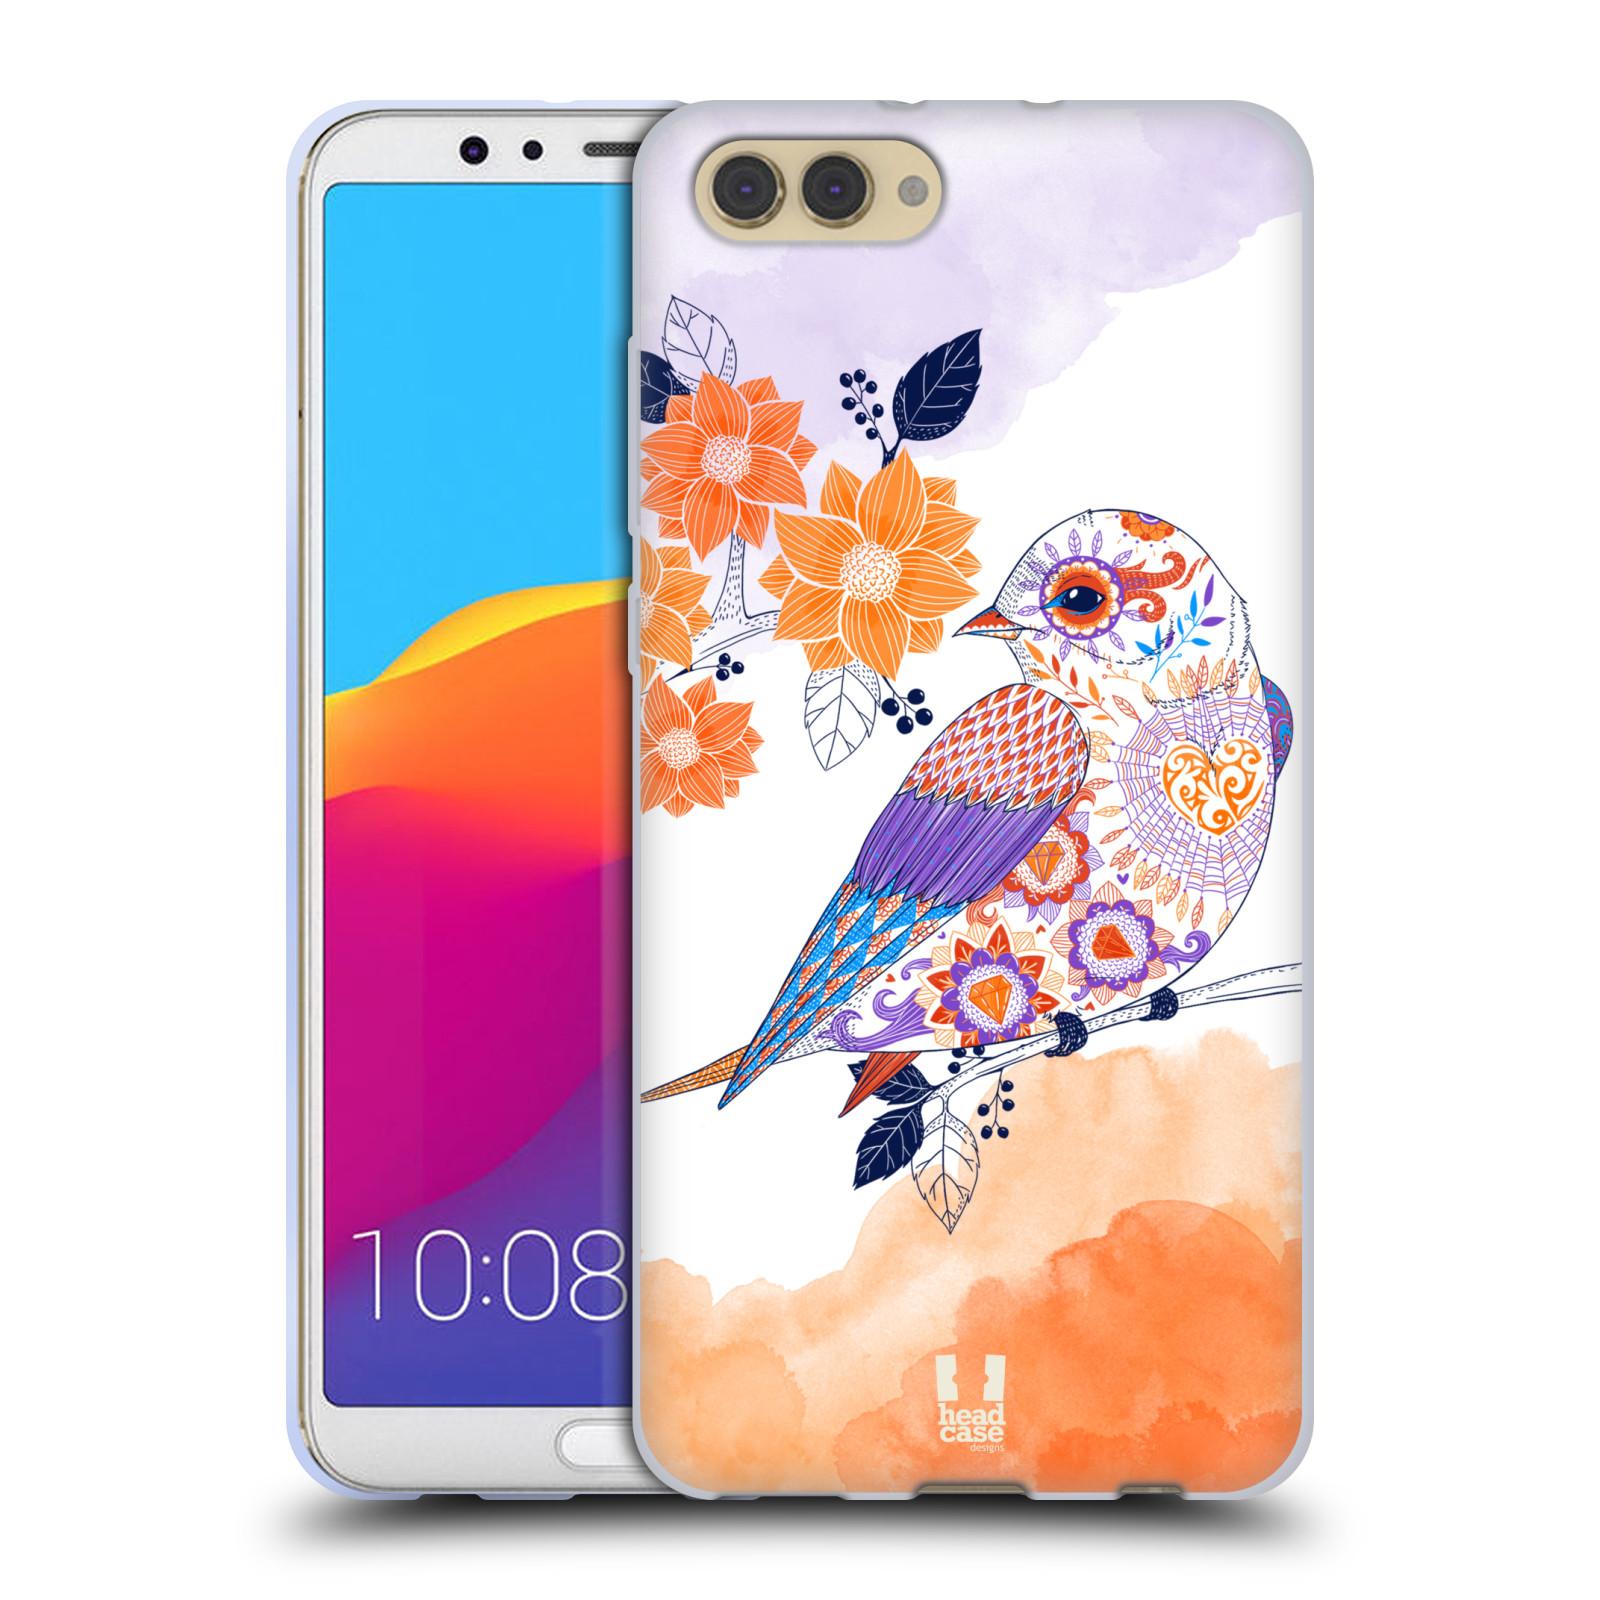 Silikonové pouzdro na mobil Honor View 10 - Head Case - PTÁČEK TANGERINE